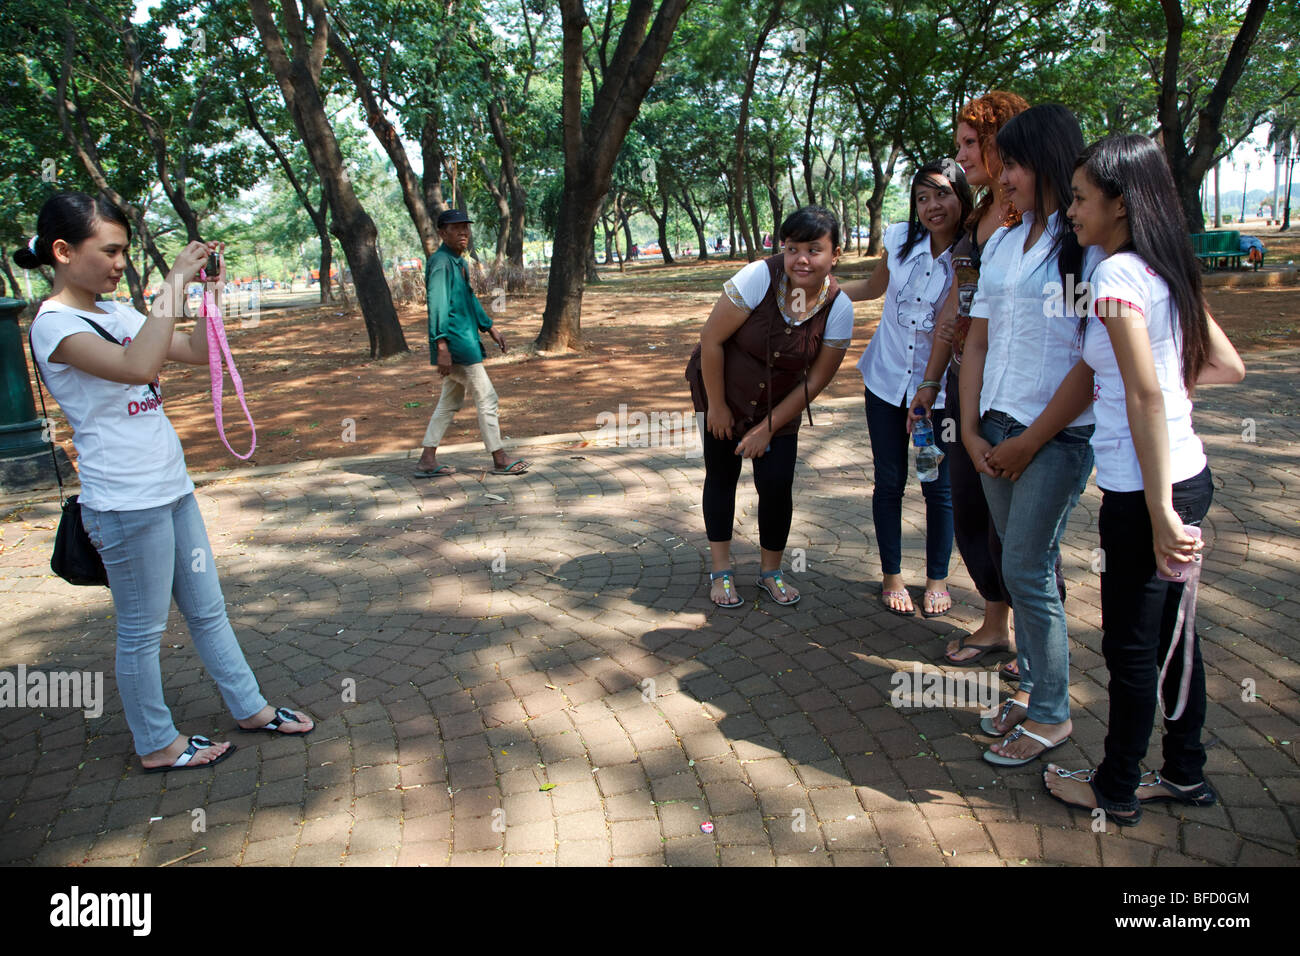 eine Gruppe von indonesischen Mädchen posieren für ein Foto mit einen europäischen Touristen in einem Stockbild